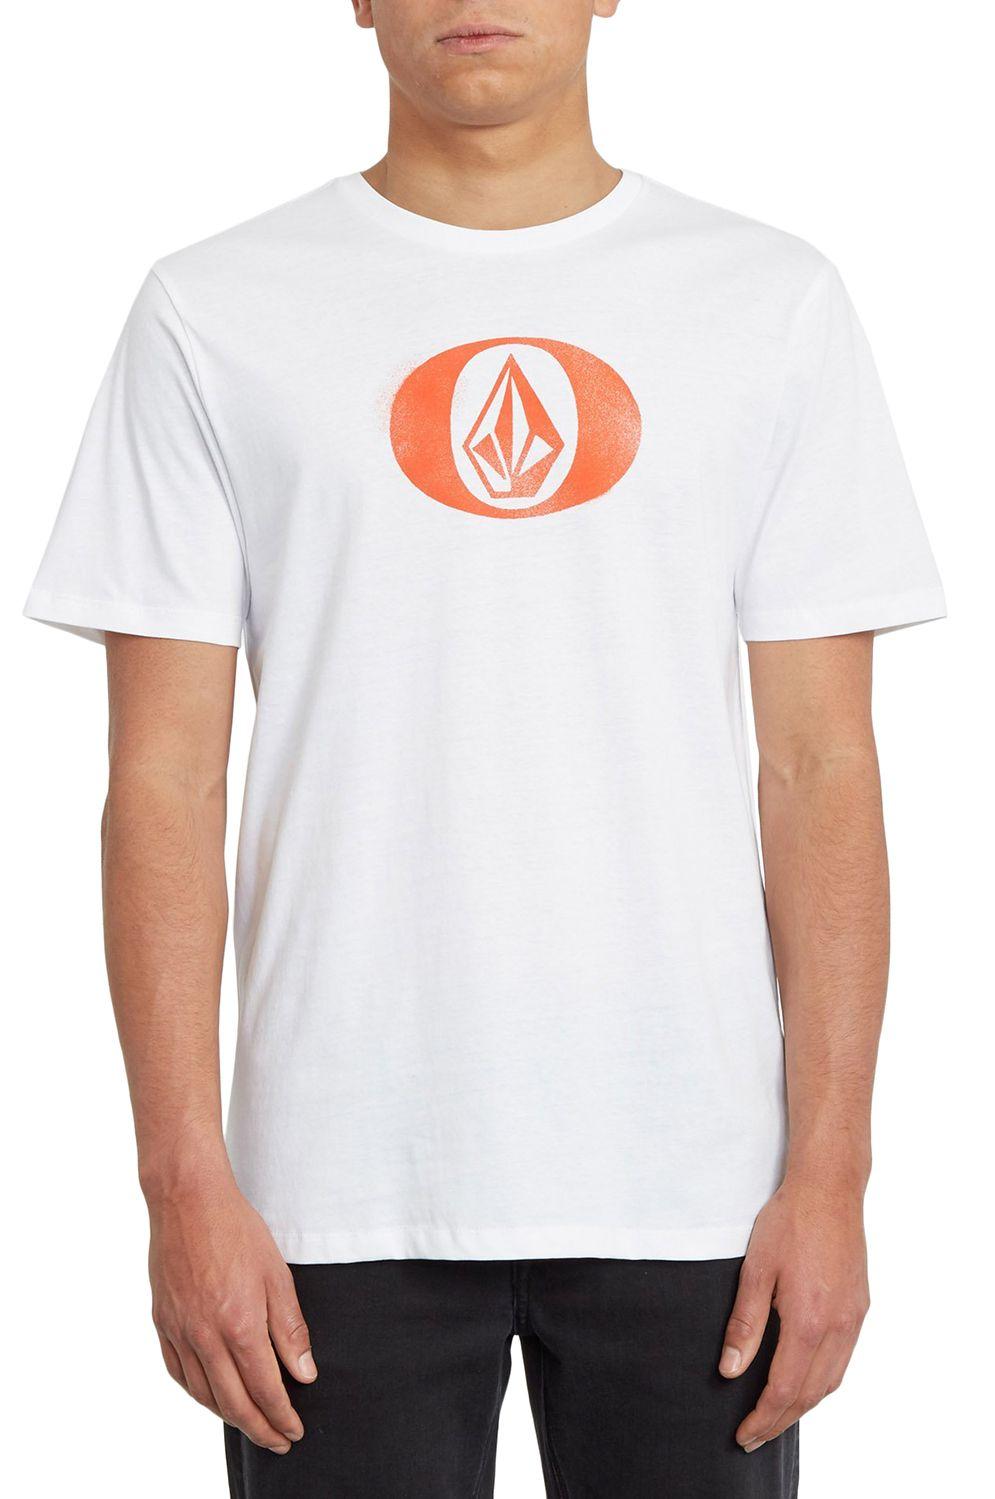 Volcom T-Shirt ELYPSE FTY White